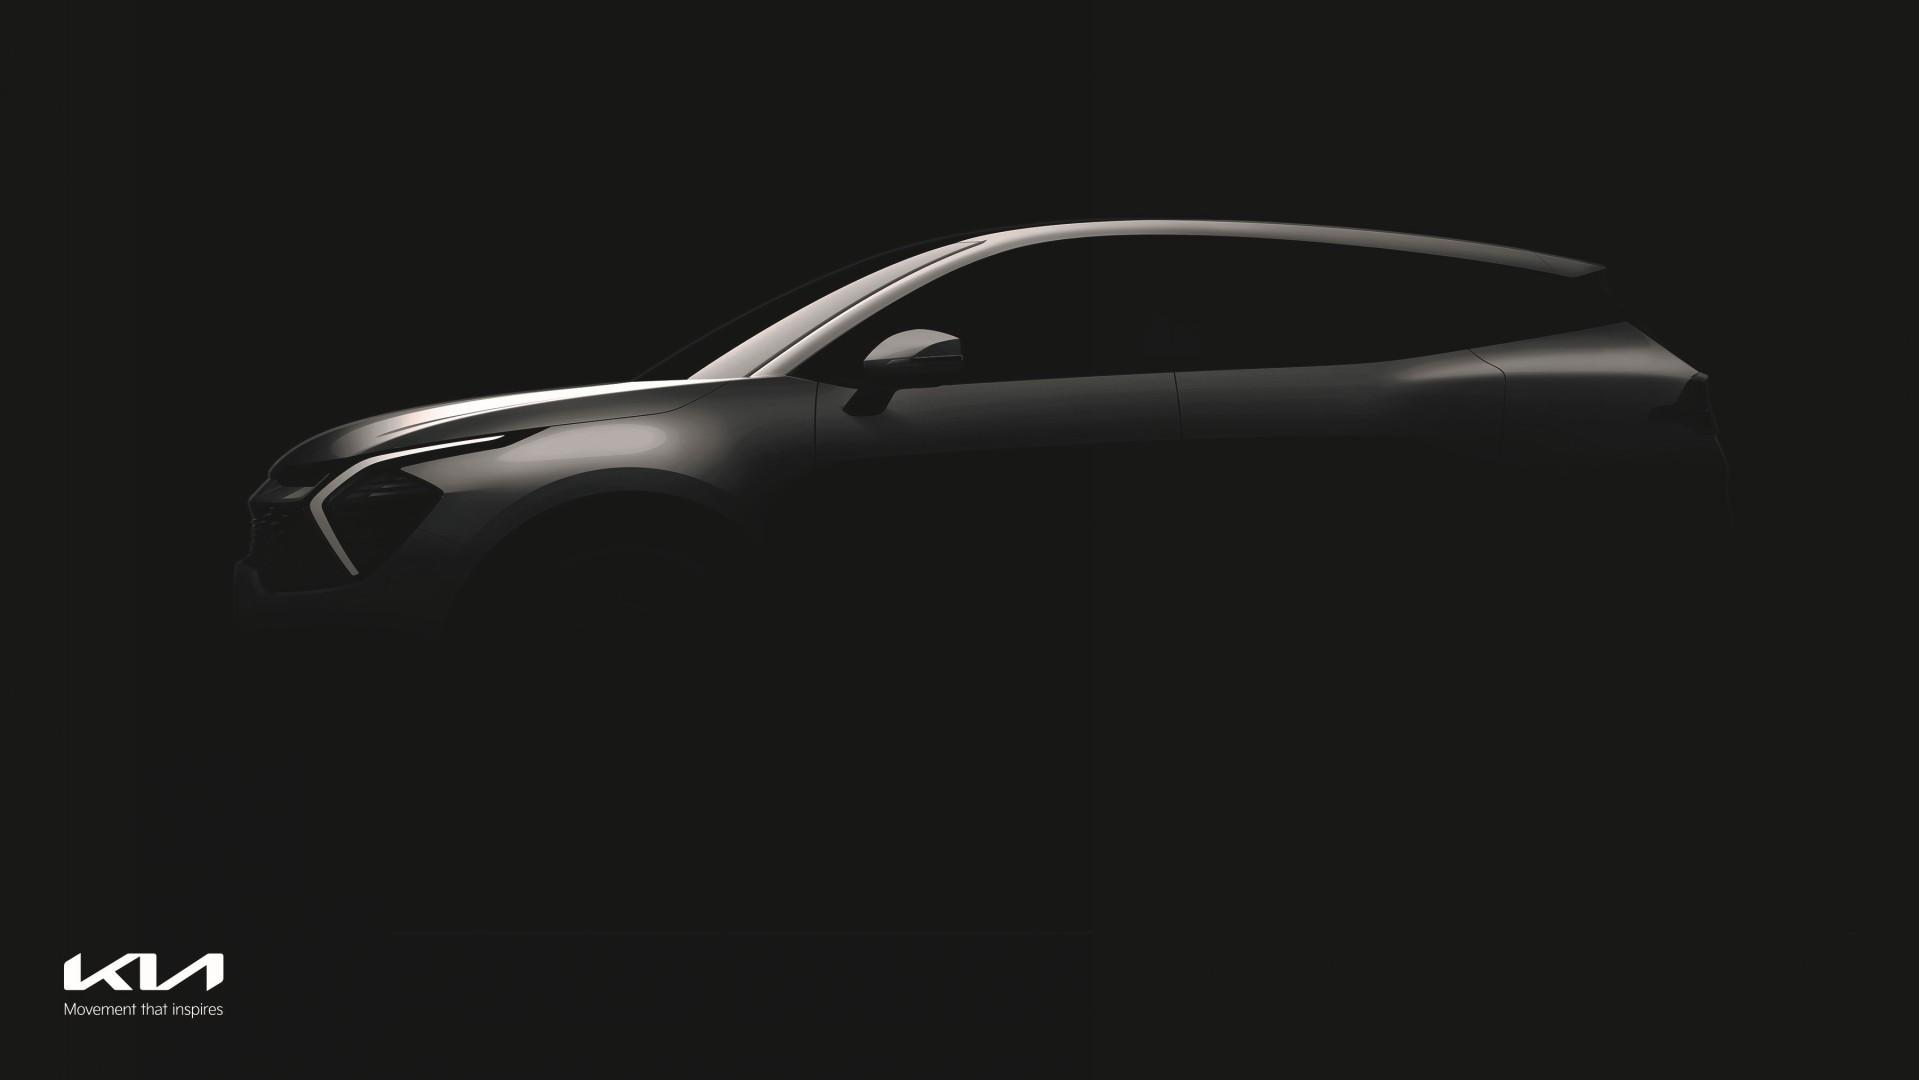 Los cambios del nuevo Kia Sportage parece que serán mayores de lo esperado